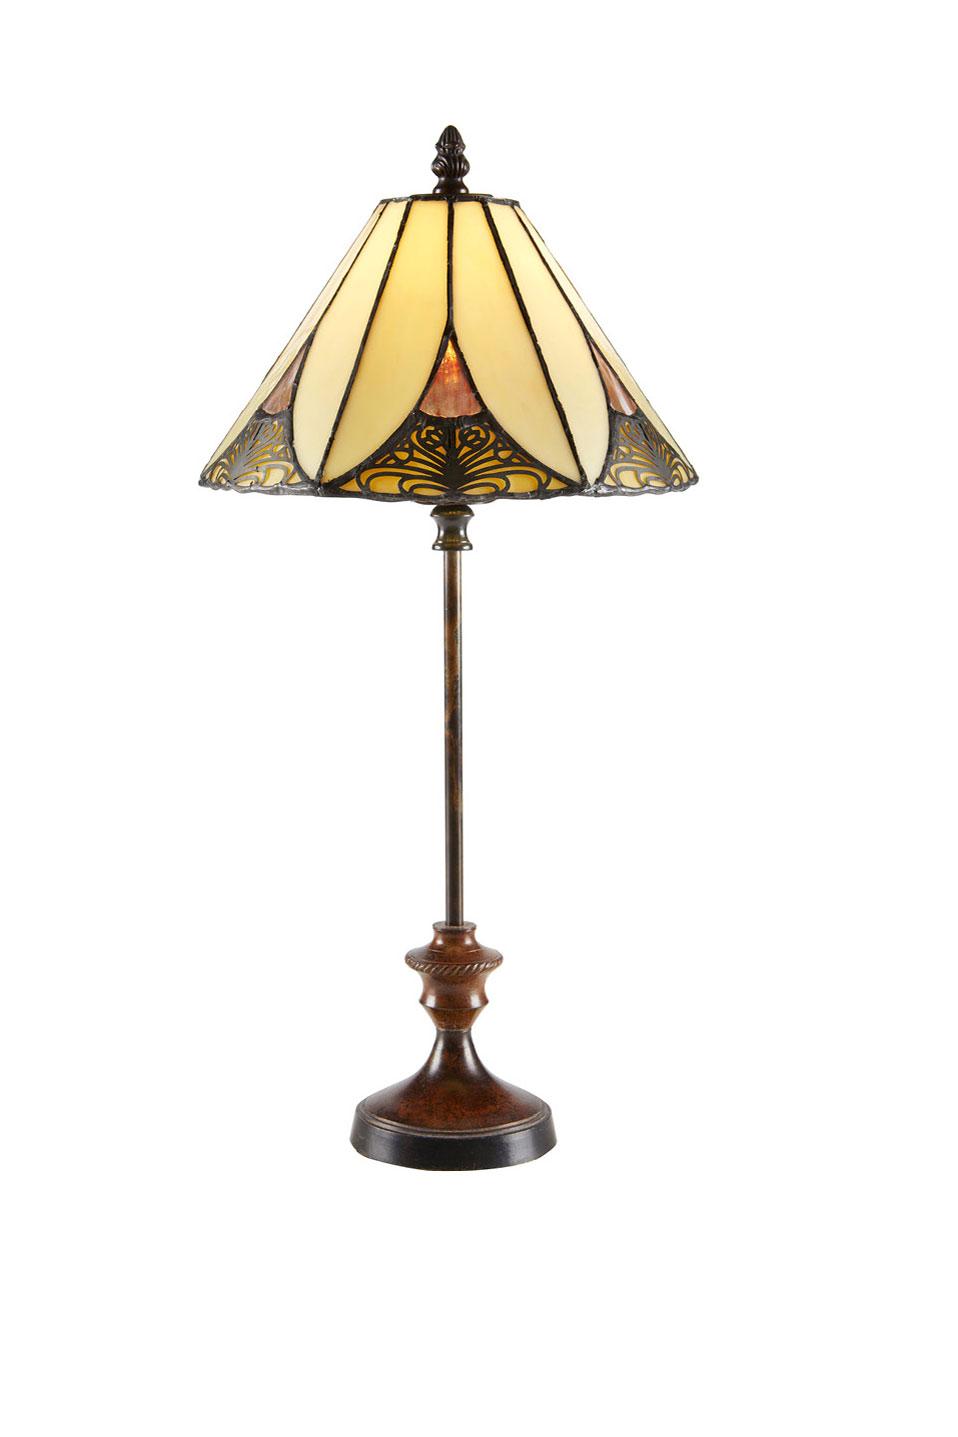 lampe abat jour conique en verre jaune jointures metalliques pied fin moule